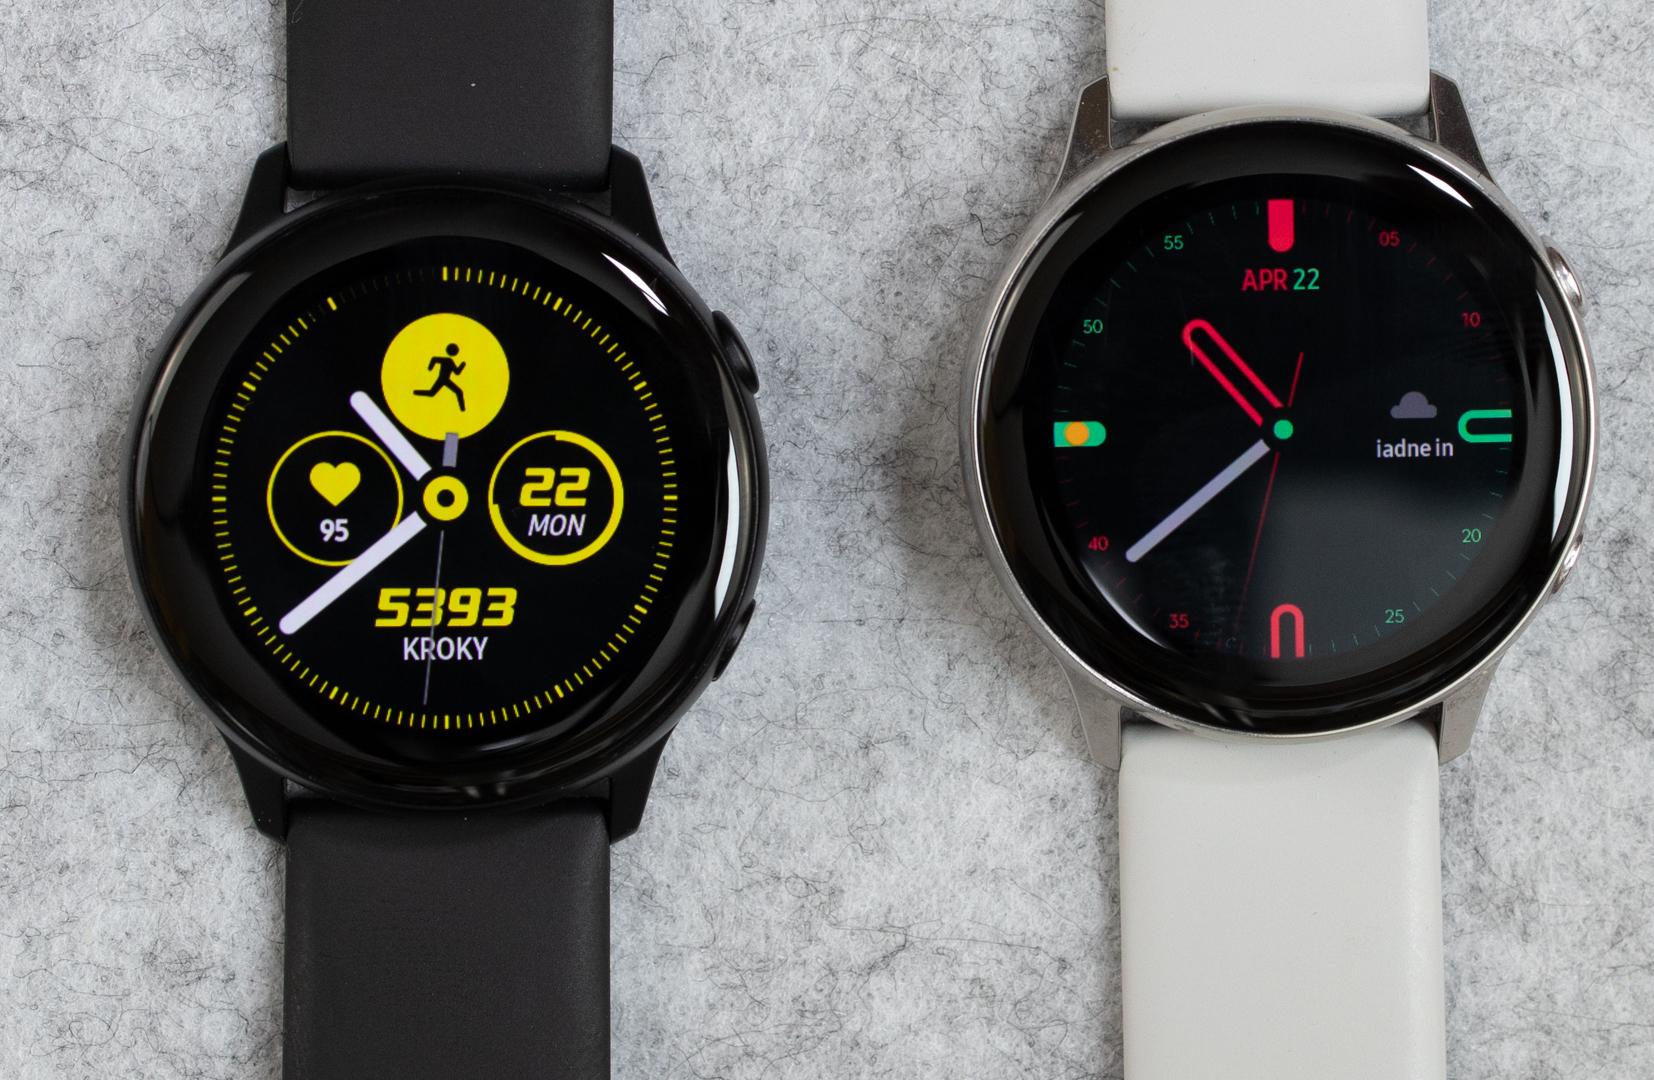 1b0ebcf19 PC Revue   Recenzia: Samsung Galaxy Watch Active - Hodinky pre zdravý  životný štýl a fitness